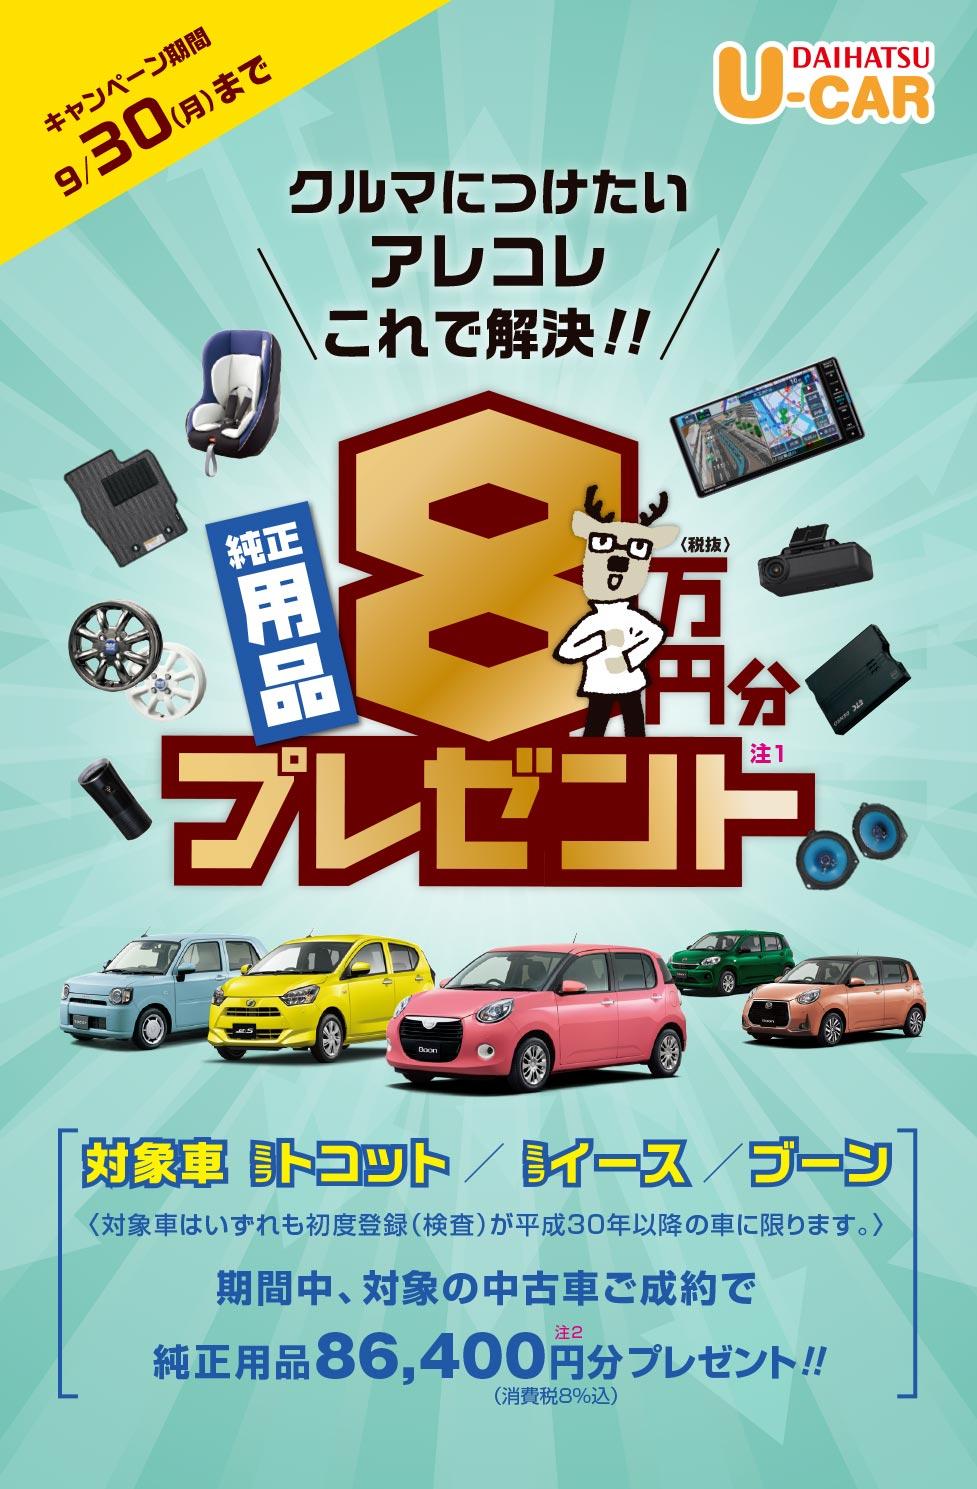 U-CAR純正用品8万円分プレゼント